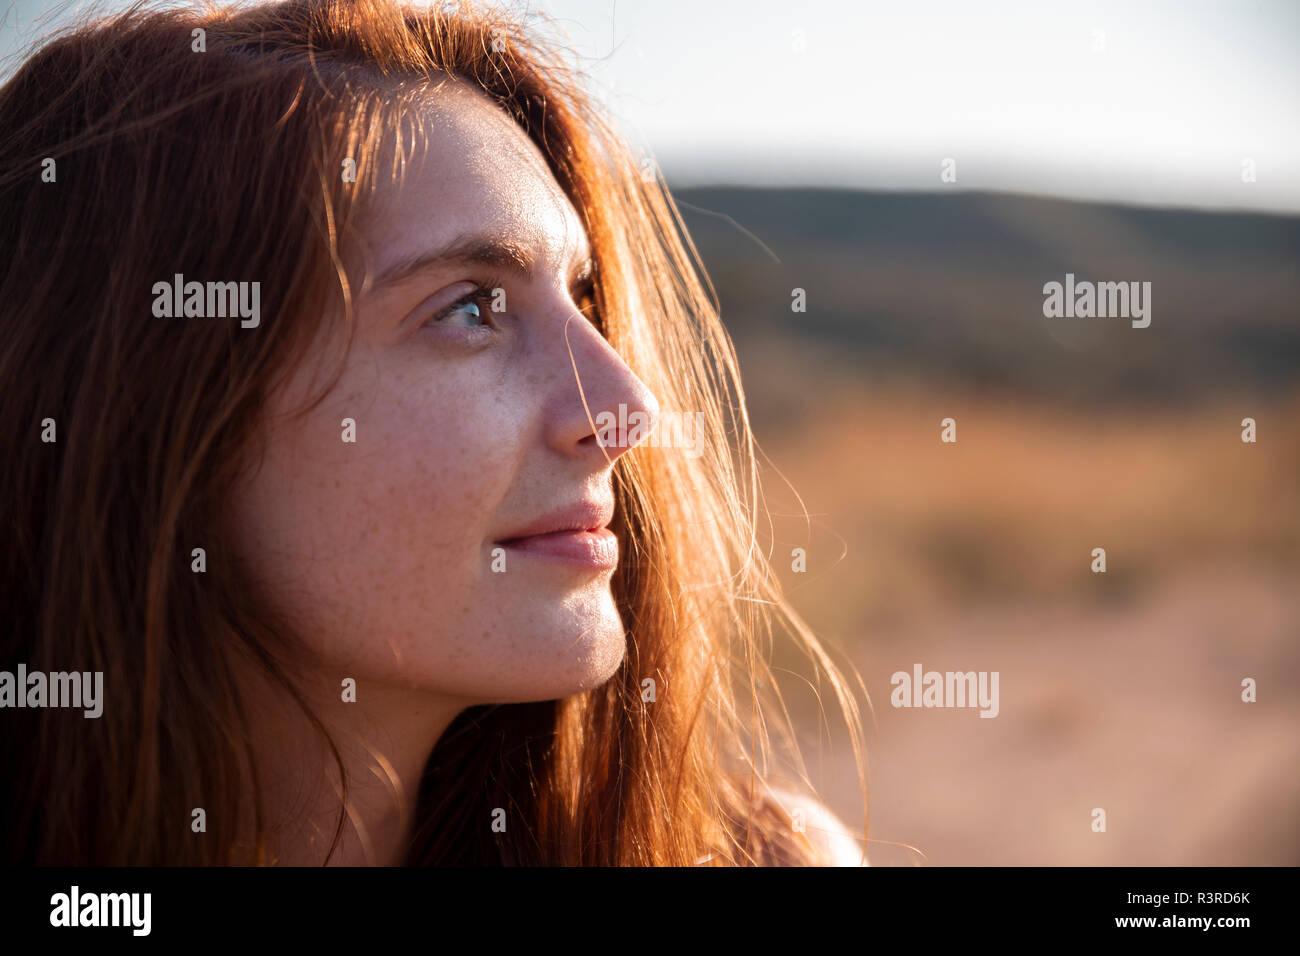 Mujer sonriente con pecas mirando lejos Foto de stock